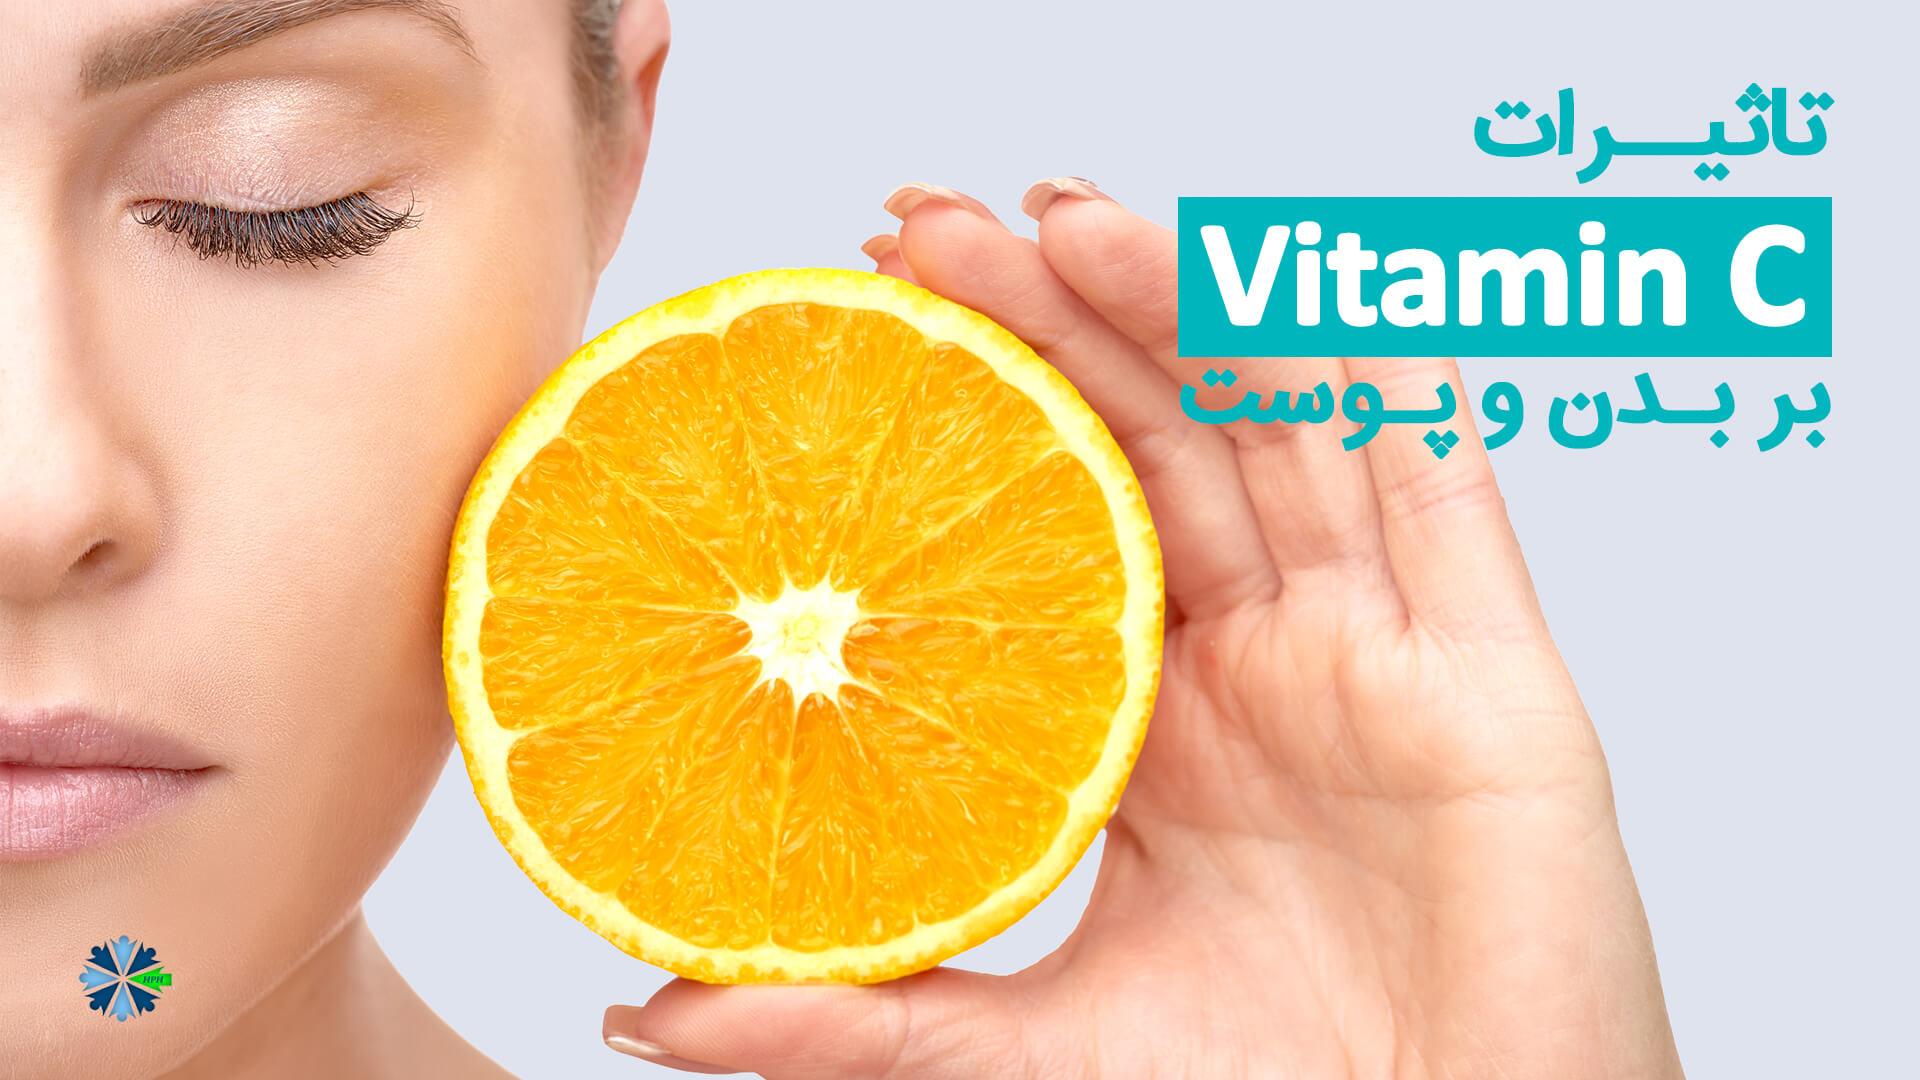 تاثیر ویتامین C بر پوست و بدن